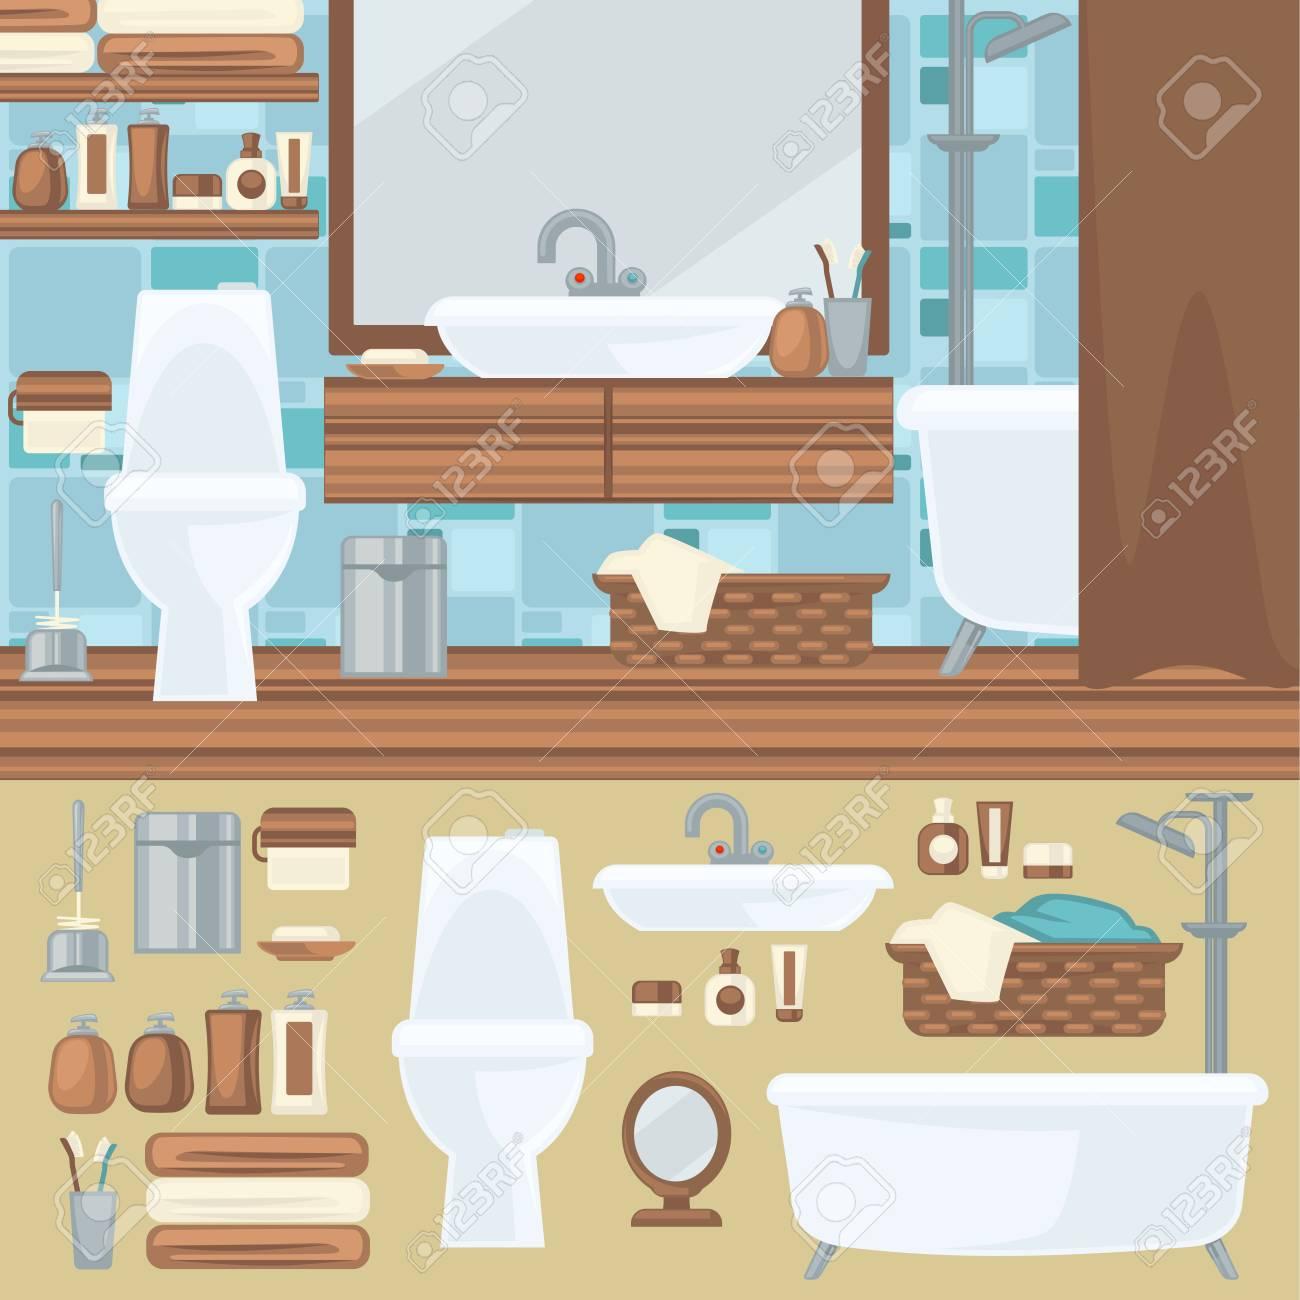 Badezimmer Innenarchitektur. Zubehör Und Möbel-Set. Elemente Für Das ...